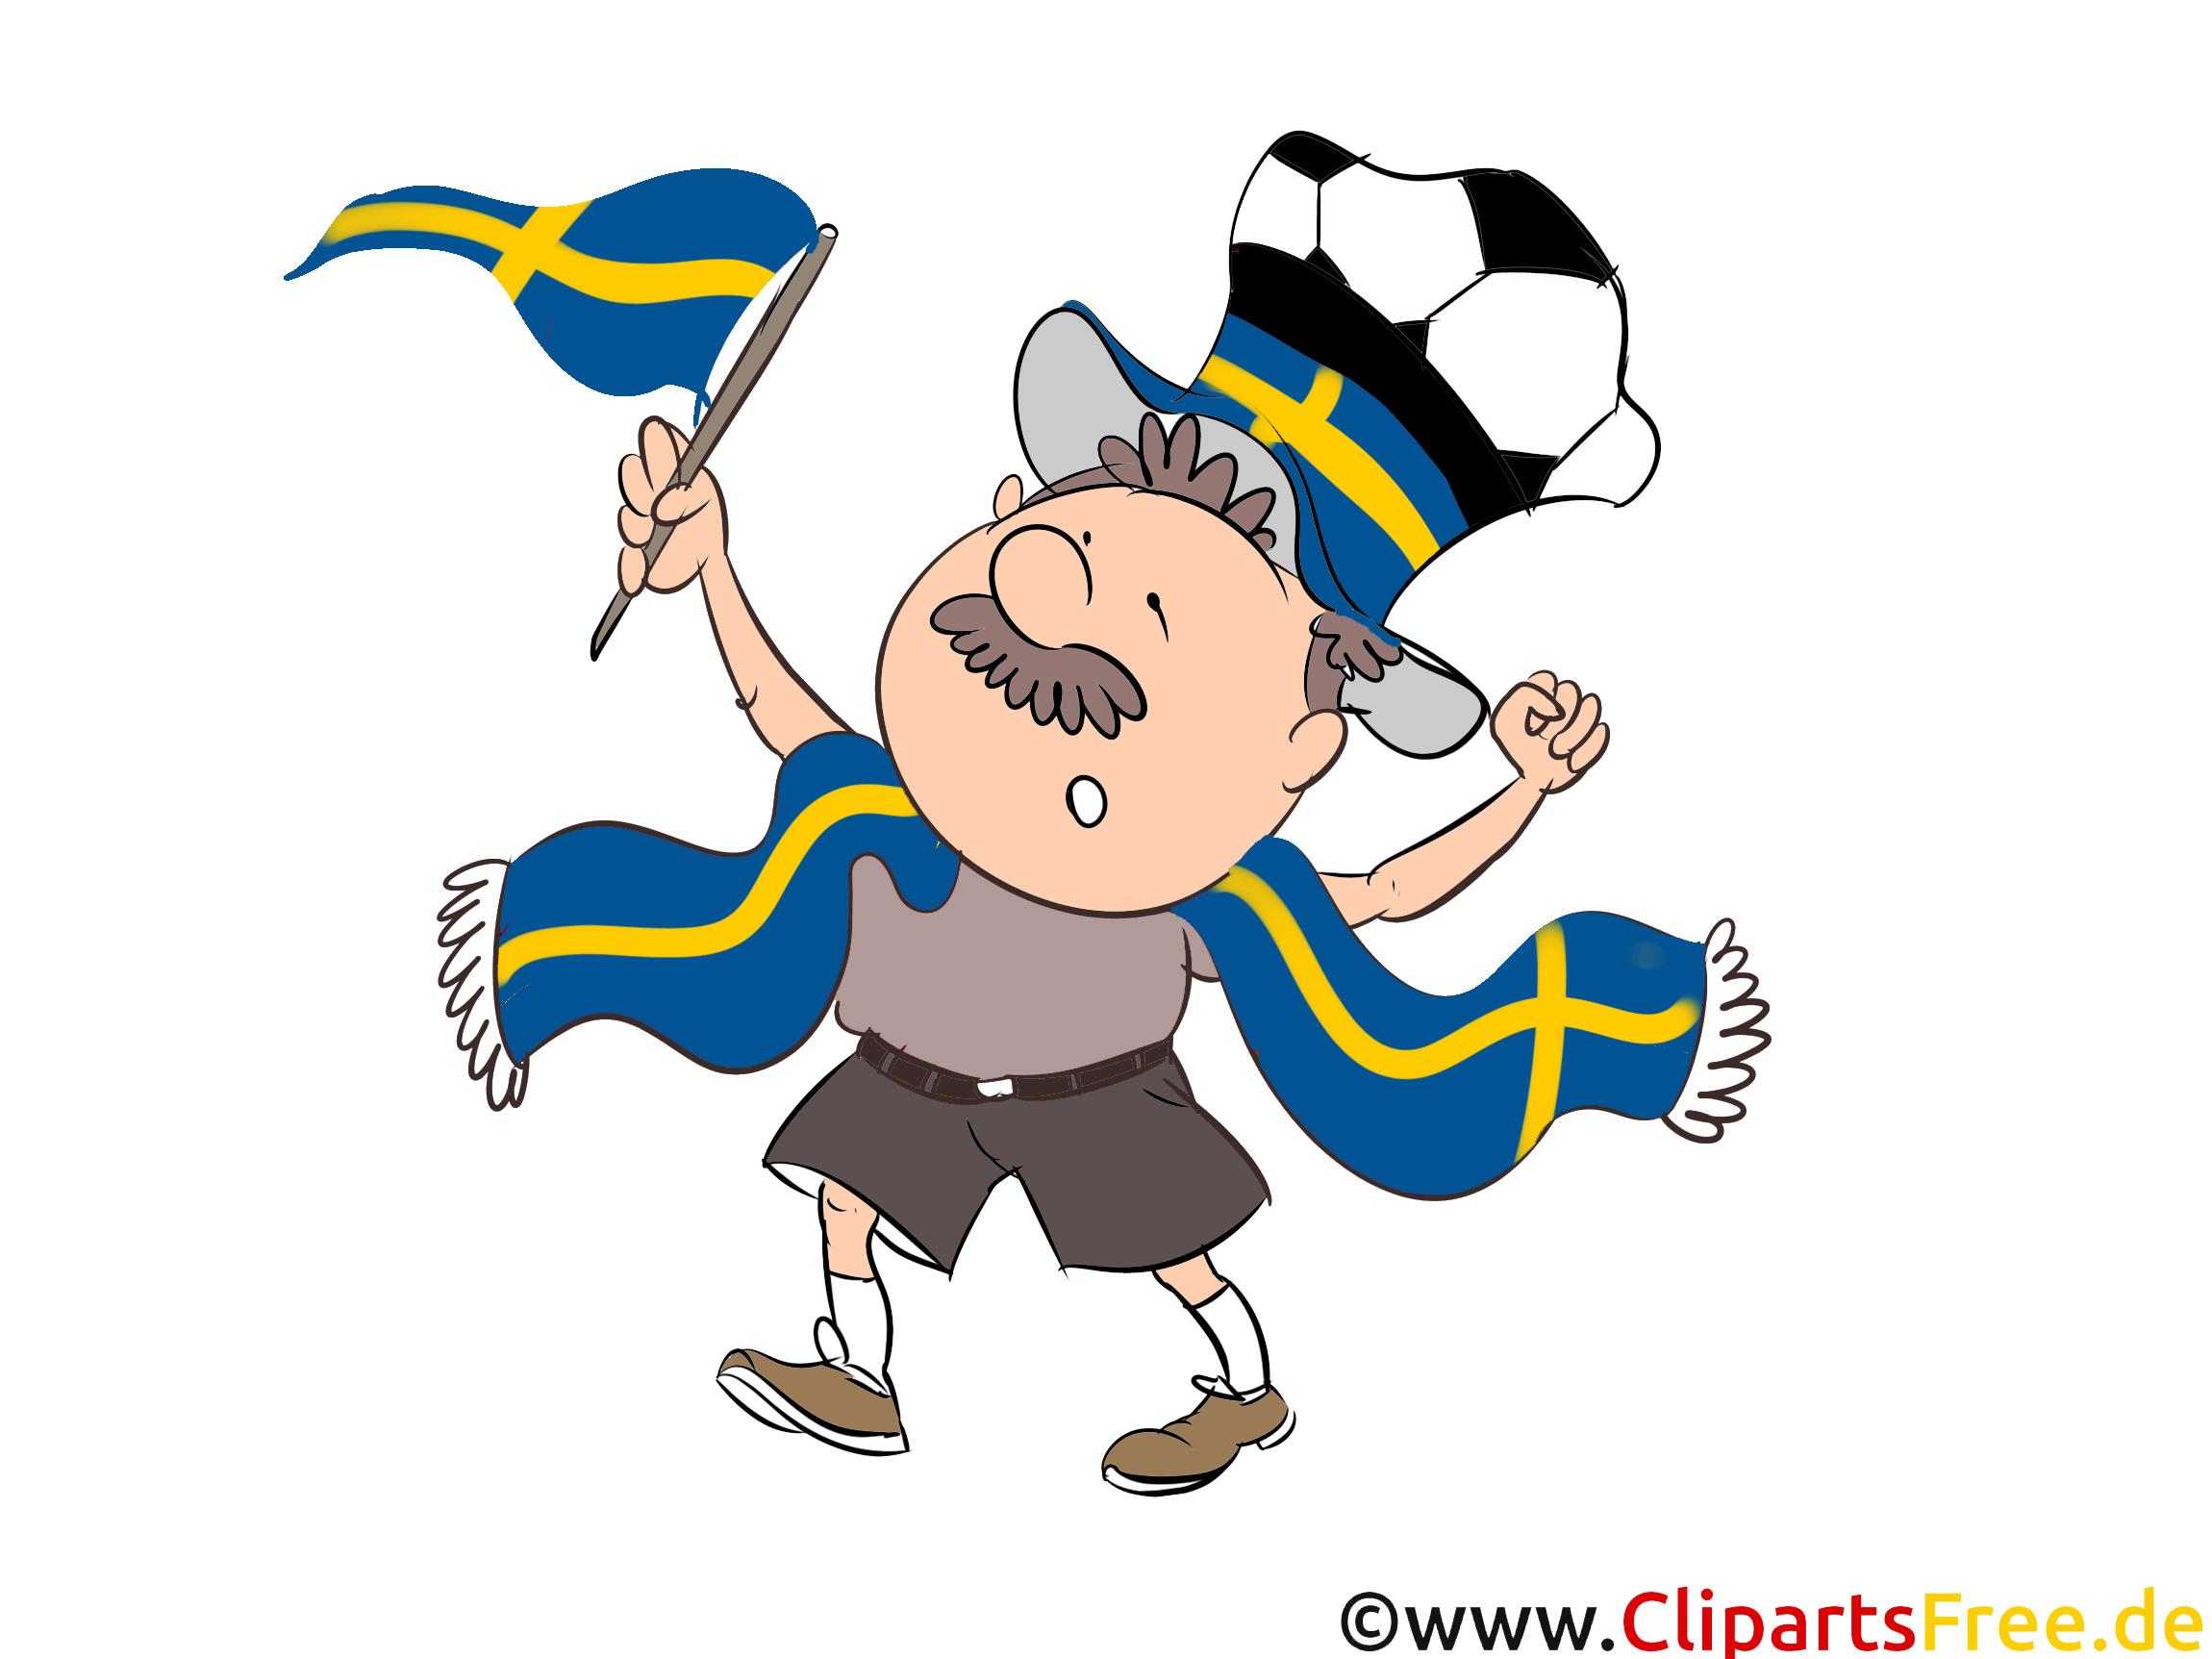 Joueur Football Soccer gratuit Image Suède